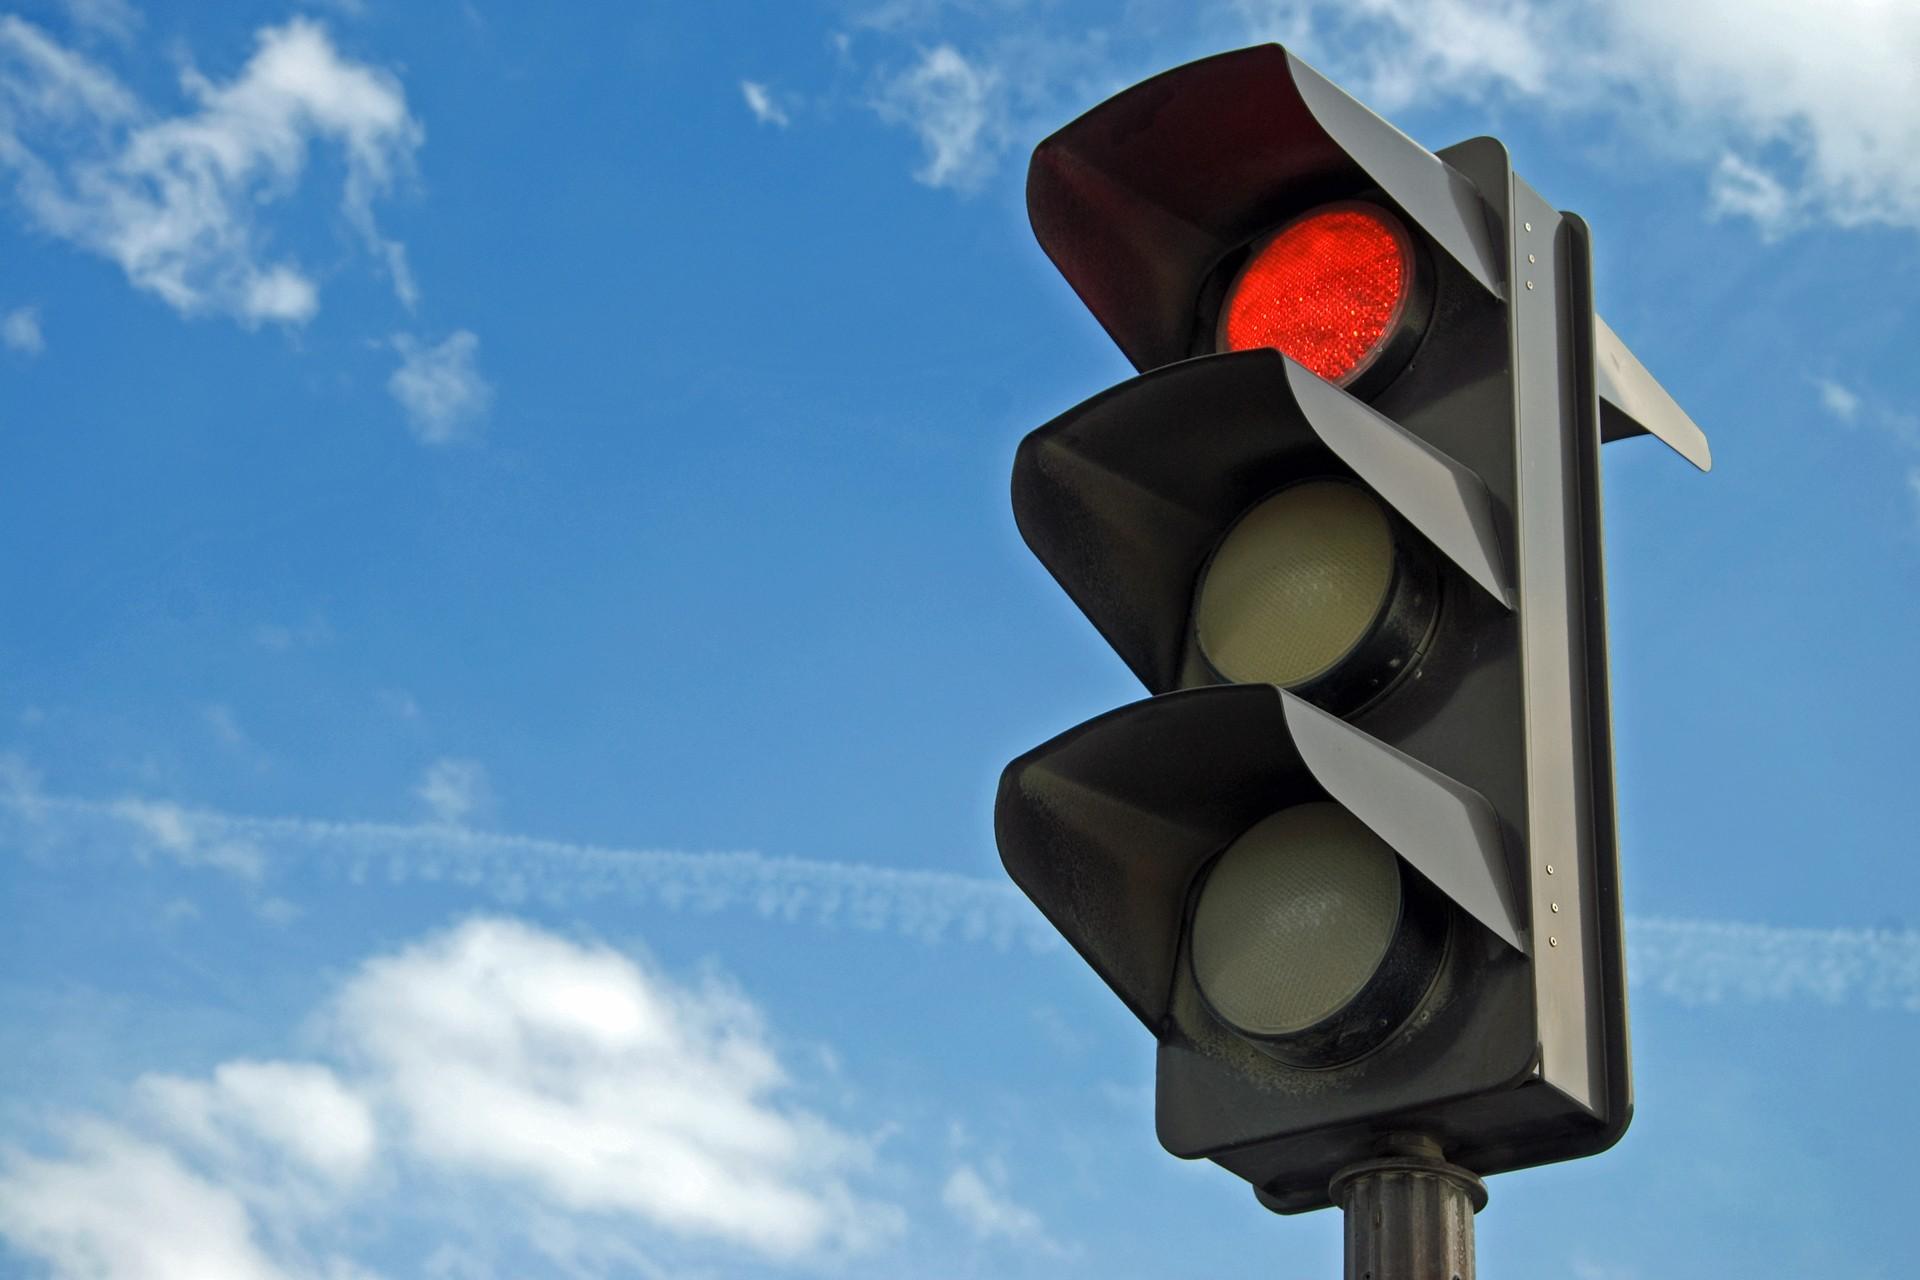 светофор красный красивая картинка